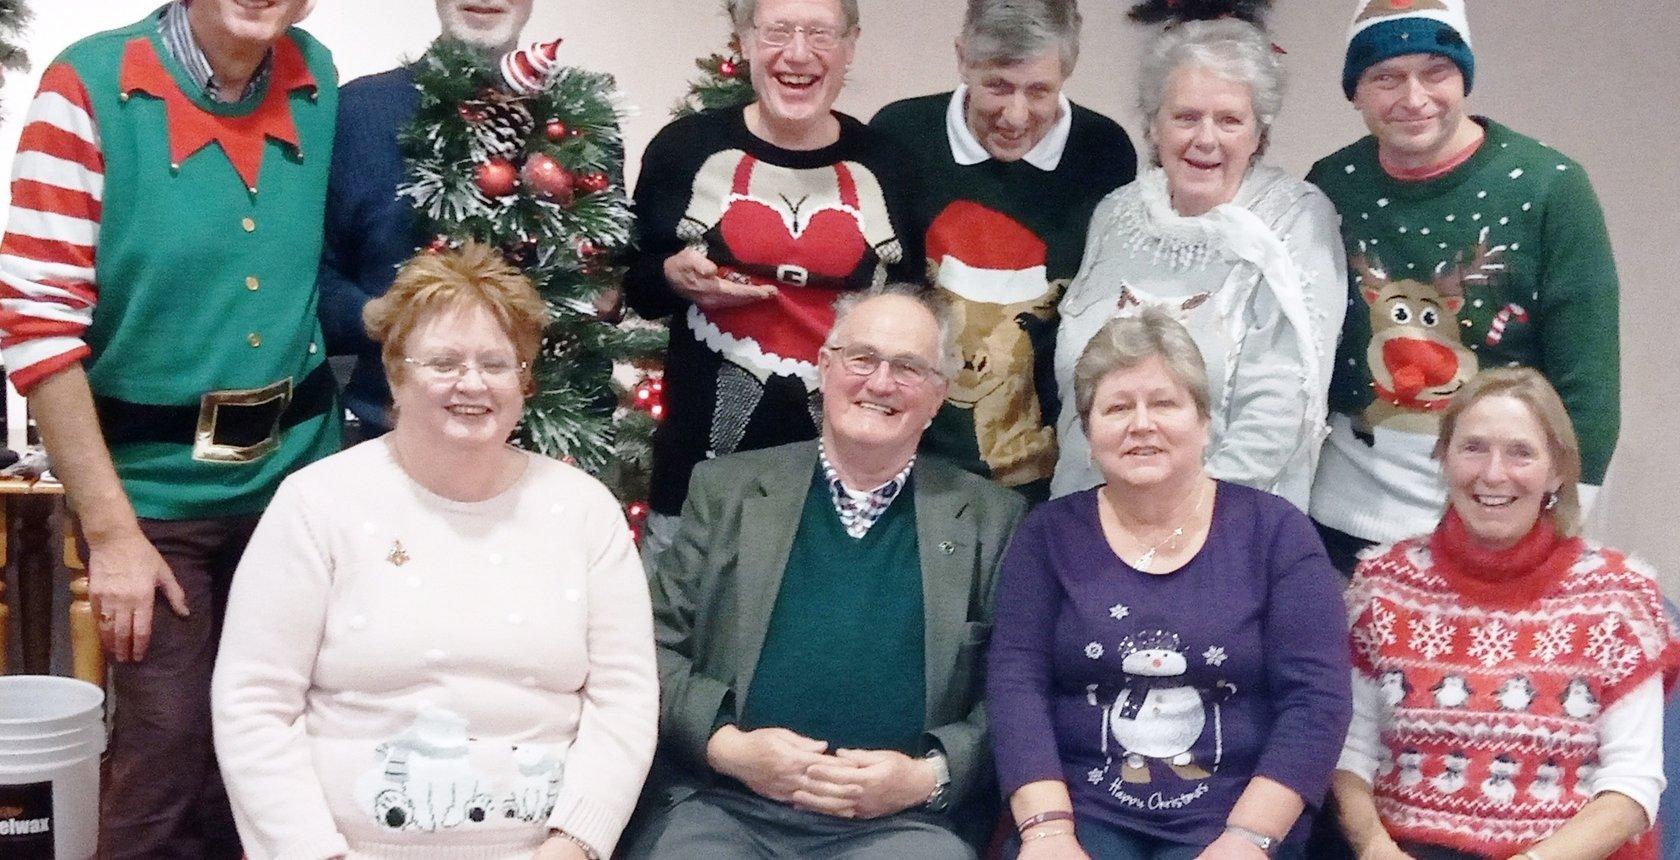 Crop 19 Solway Members In Christmas Spirit